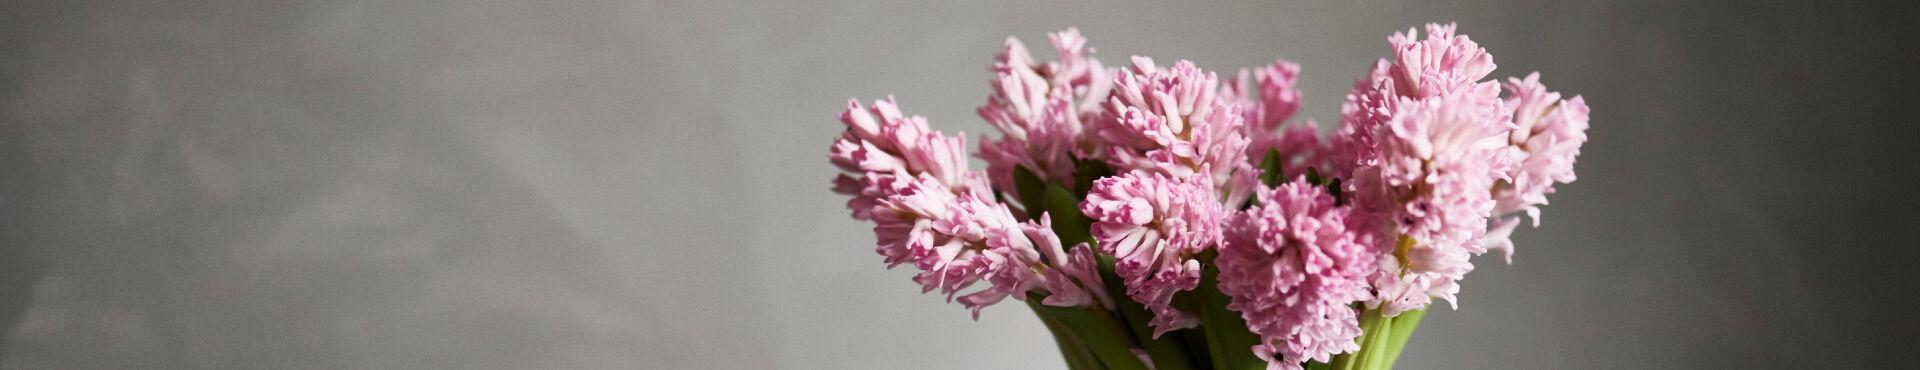 En hel bukett rosa, väldoftande hyacinter syns mot en grå bakgrund.